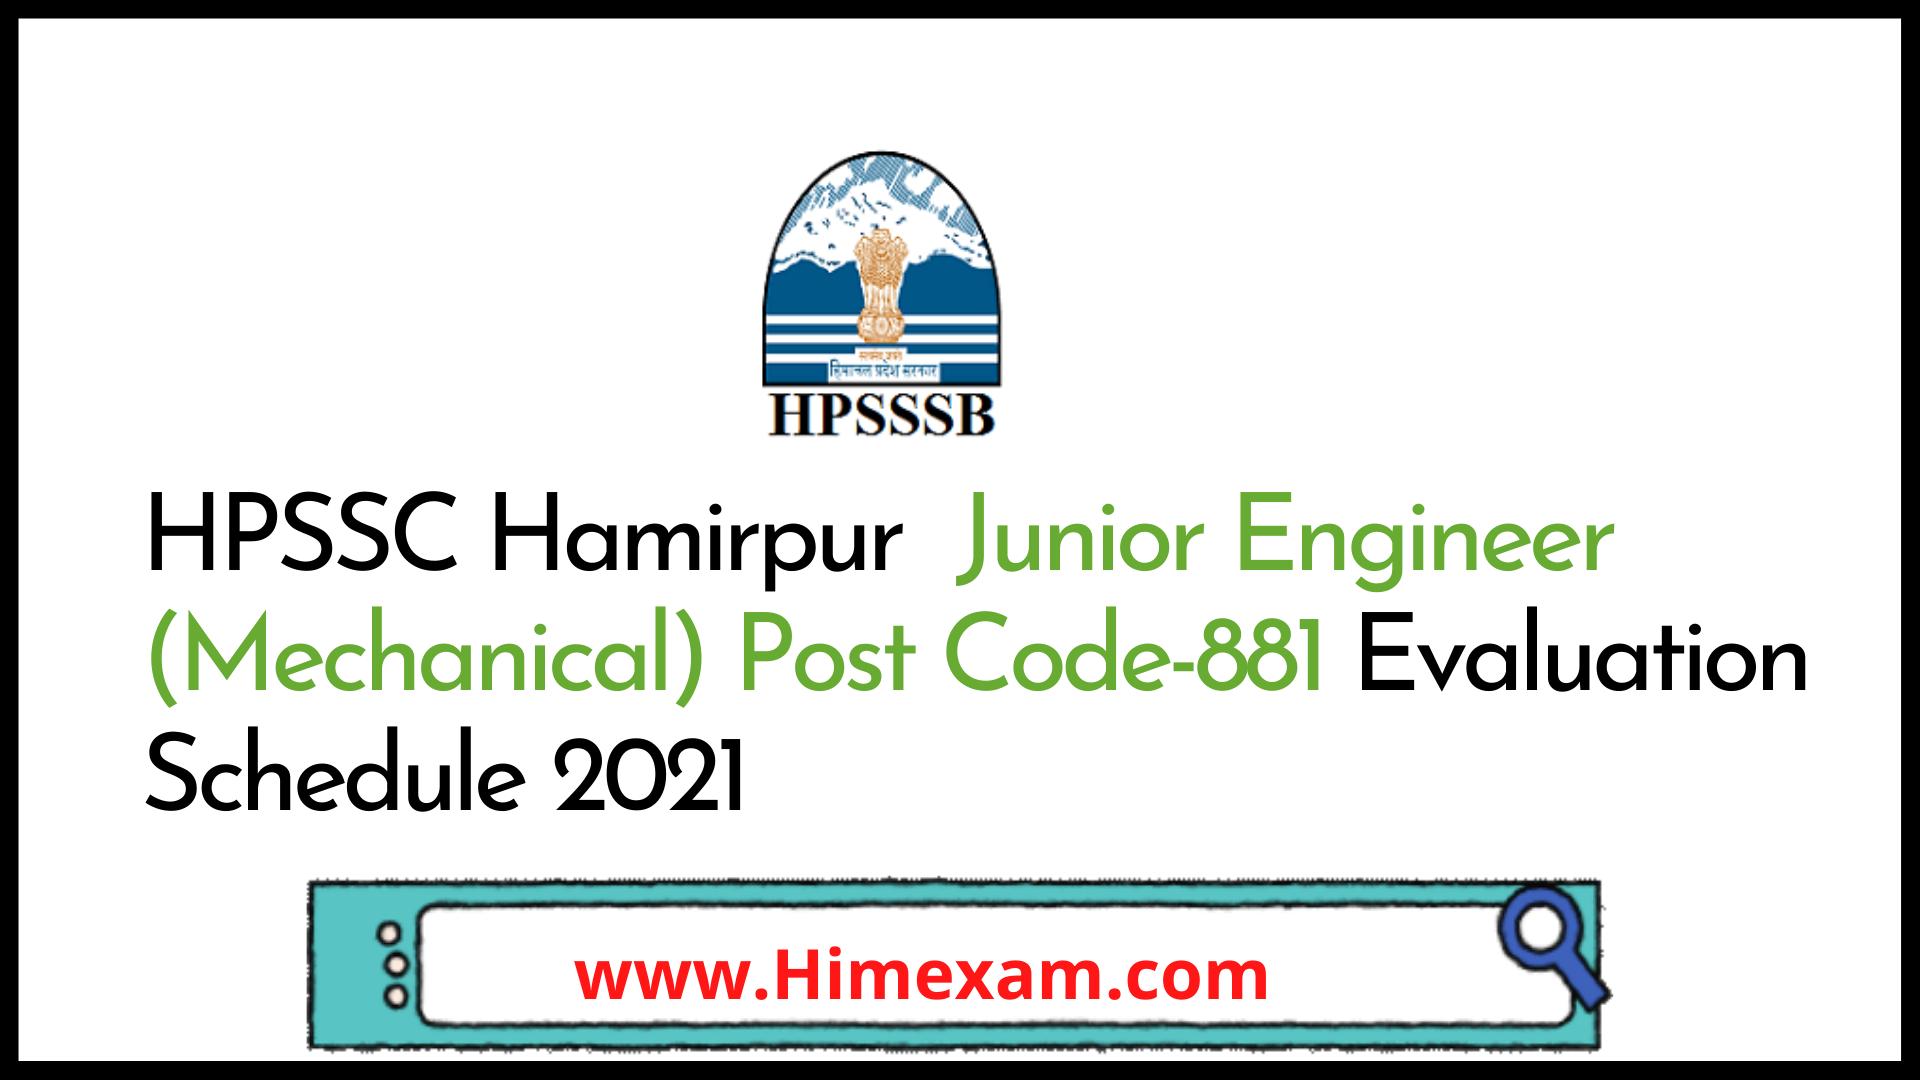 HPSSC Hamirpur  Junior Engineer (Mechanical) Post Code-881 Evaluation Schedule 2021